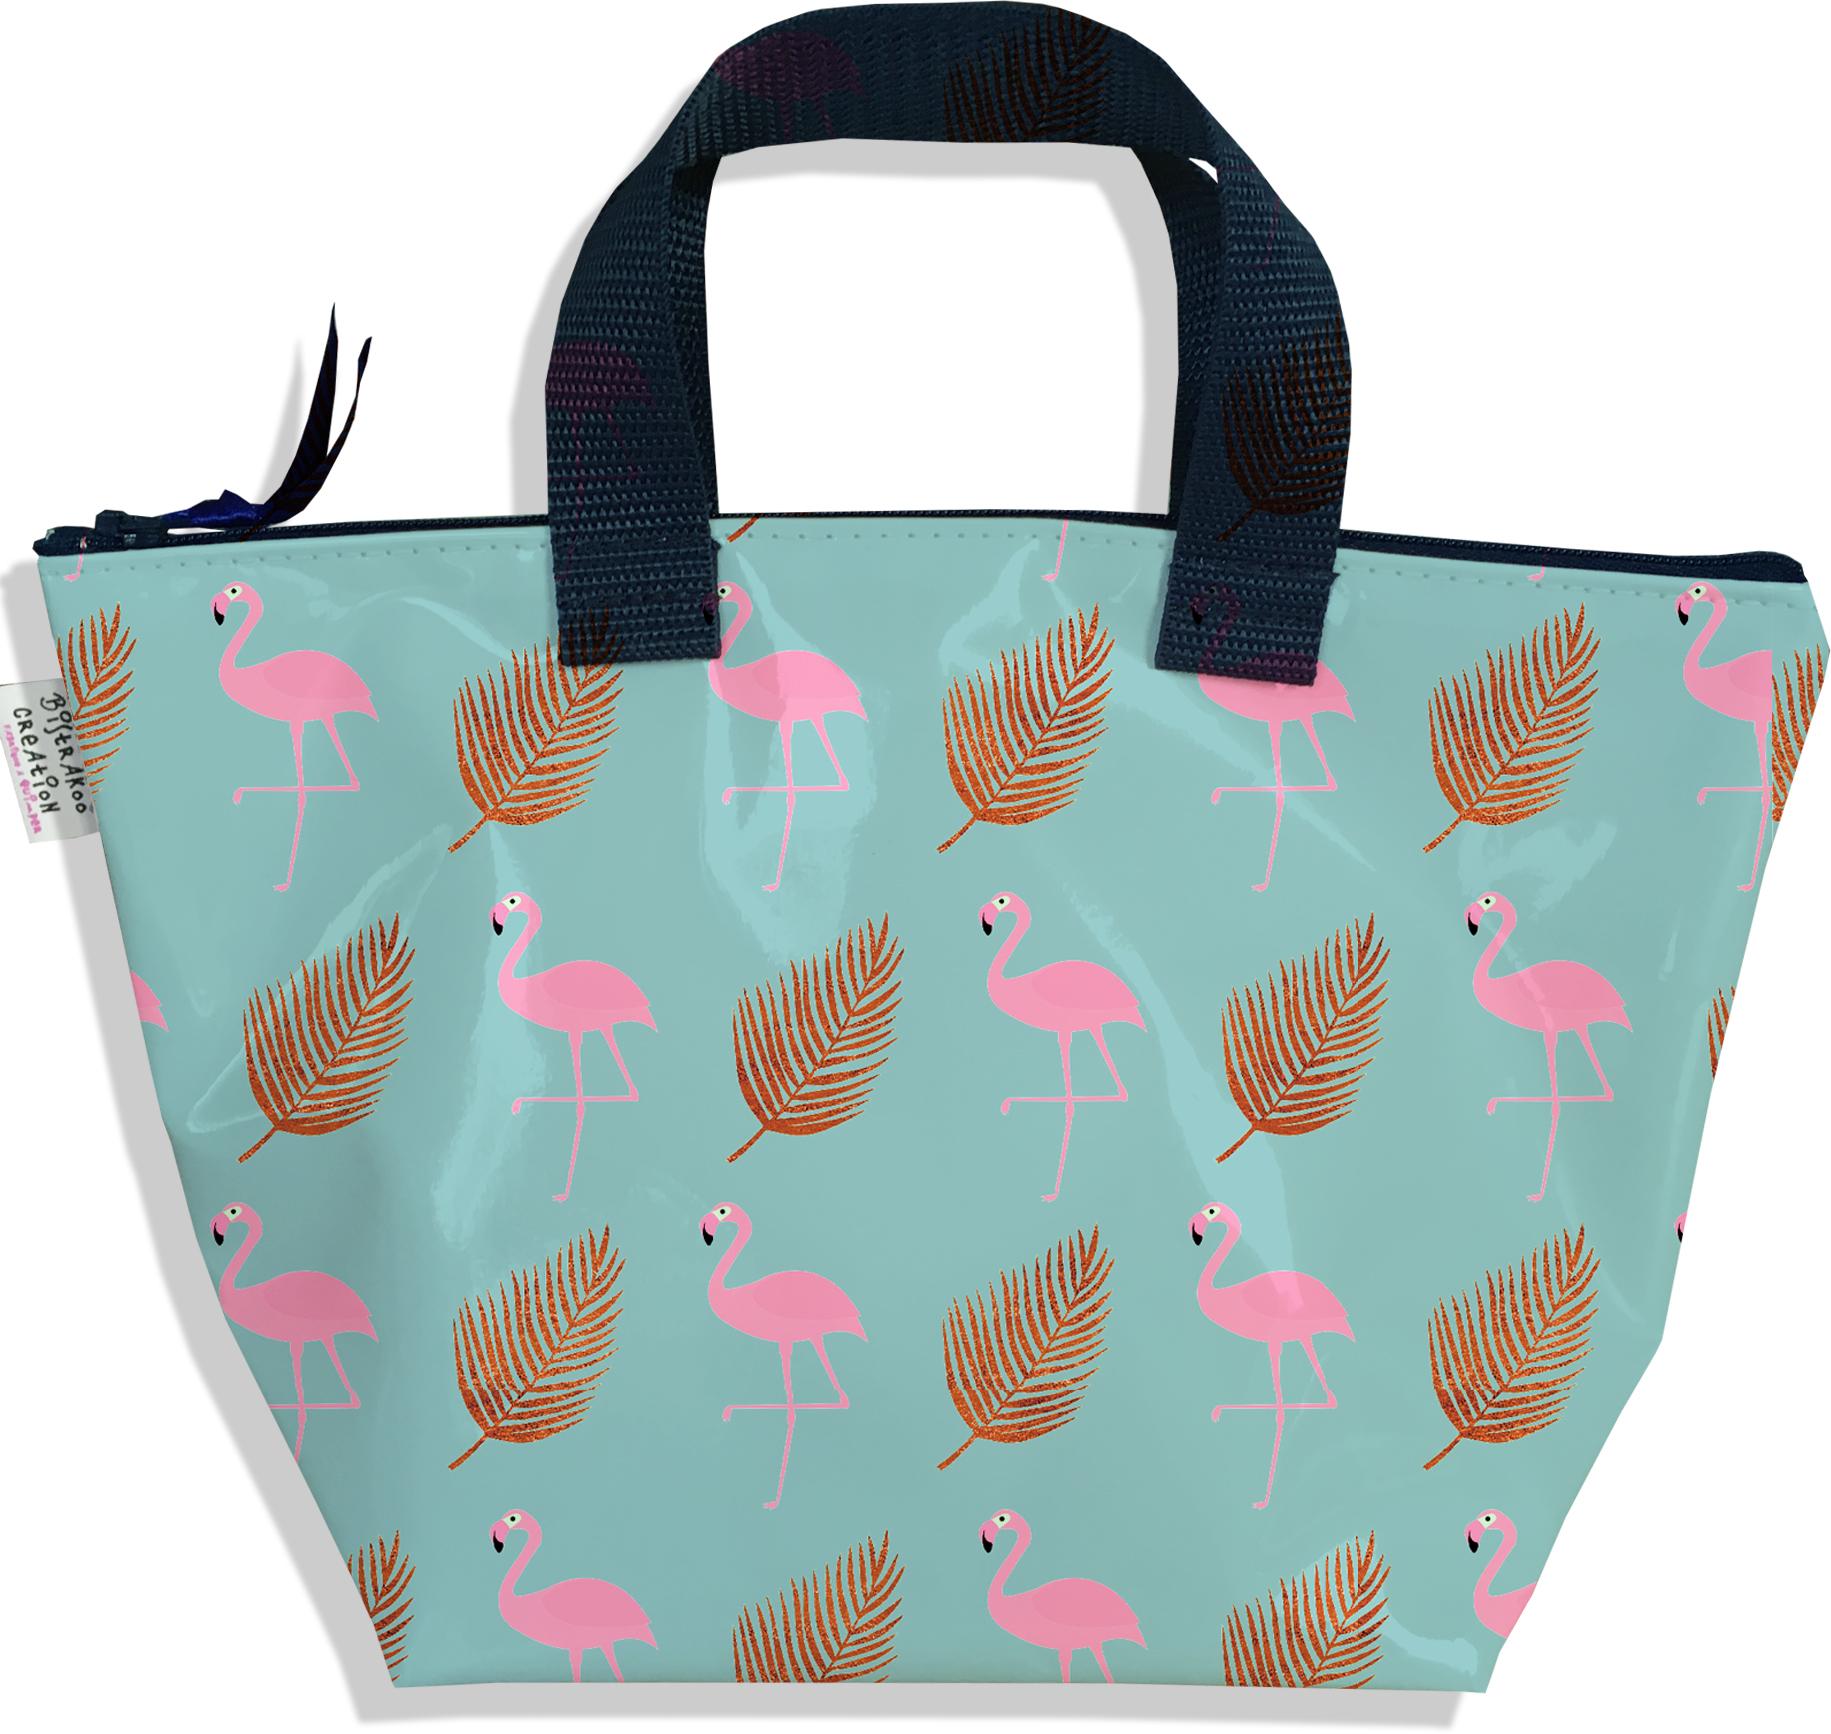 Sac à main zippé pour fille motif Flamants roses plume or 3219-2017